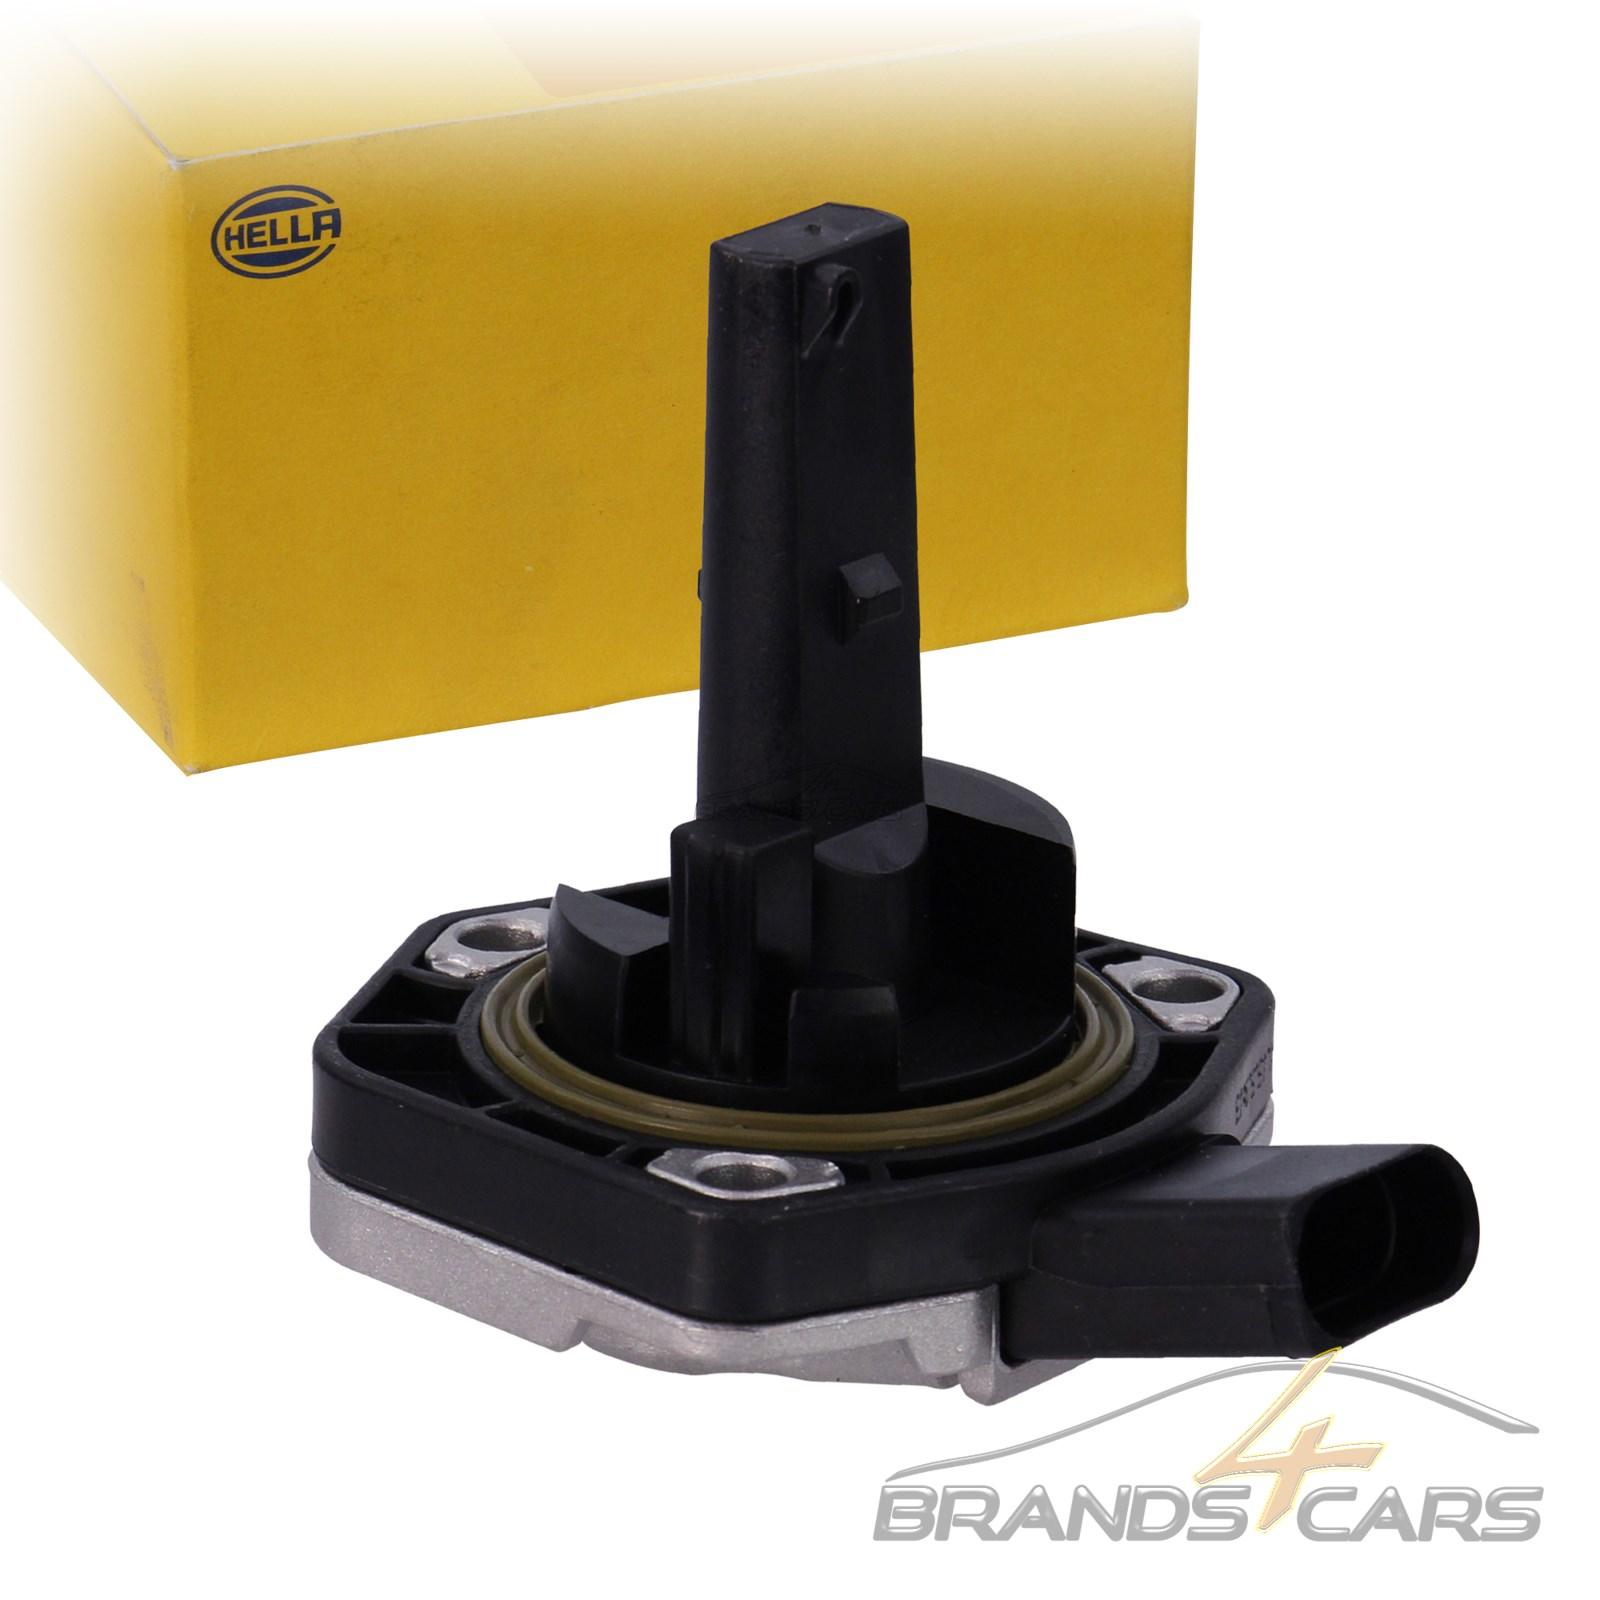 hella Ölstandsensor 3-polig audi a6 4b c5 4f c6 bj 97-06 | ebay